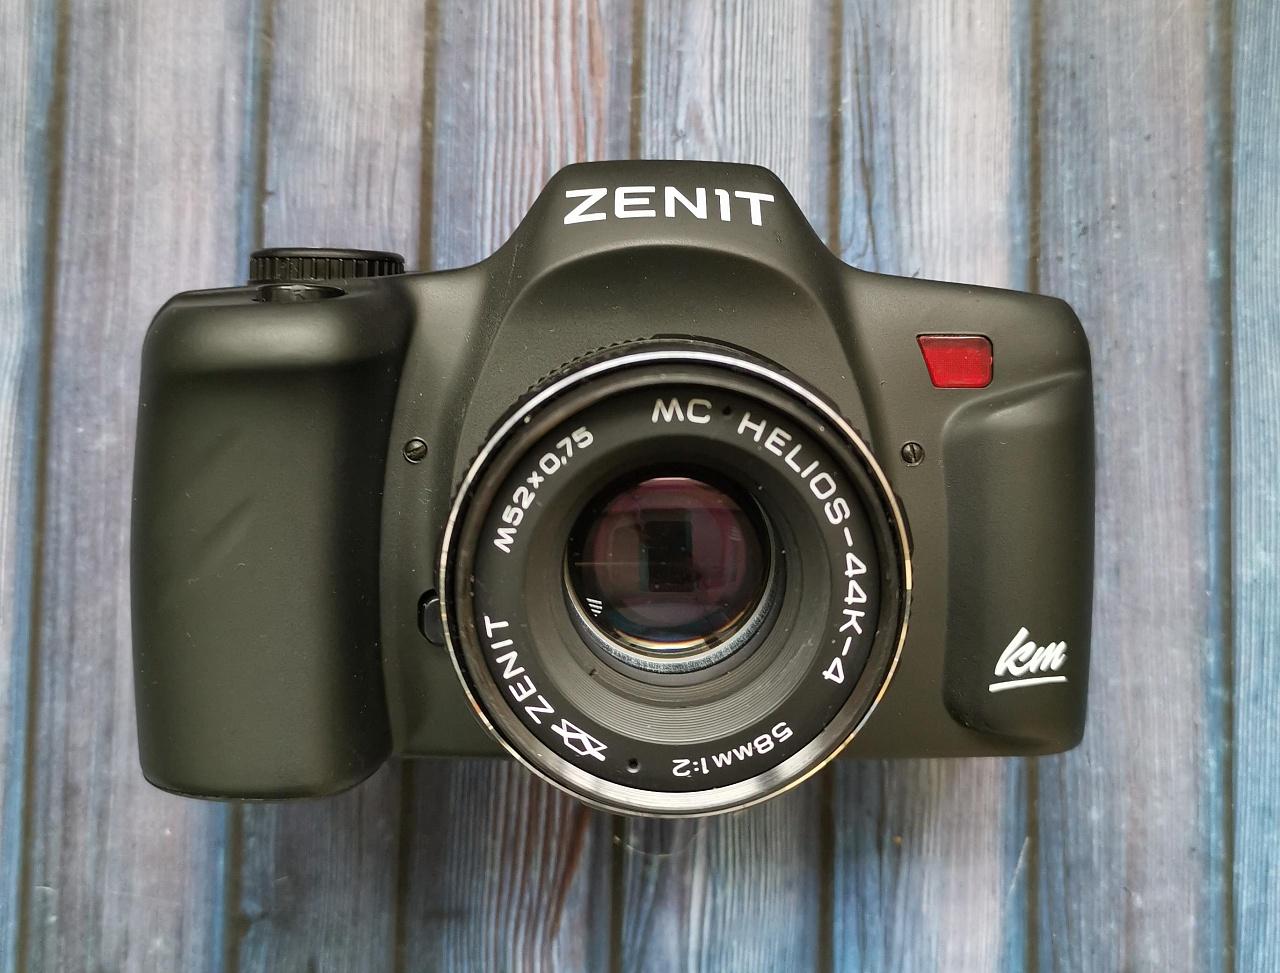 Какой фотоаппарат из зенитов лучше что